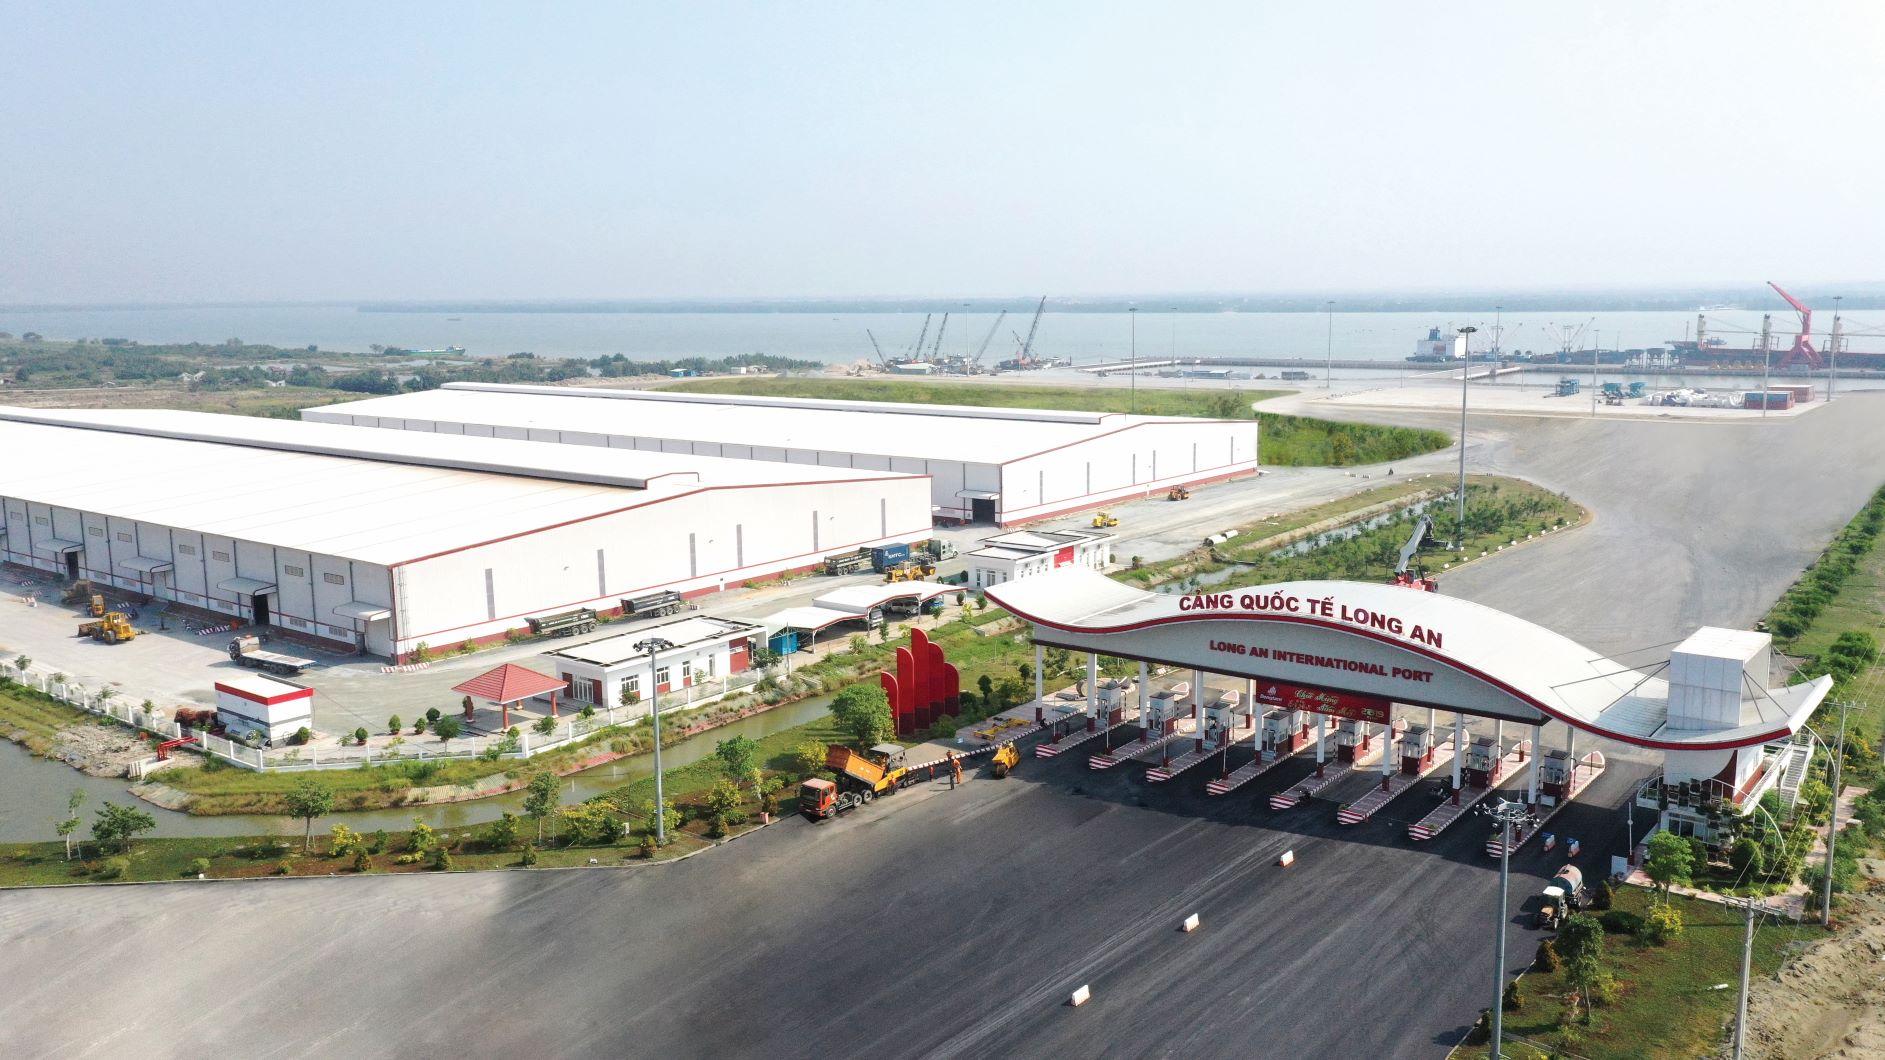 Đồng Tâm Group khánh thành giai đoạn 1 và khởi công giai đoạn 2 - Cảng Quốc tế Long An 3